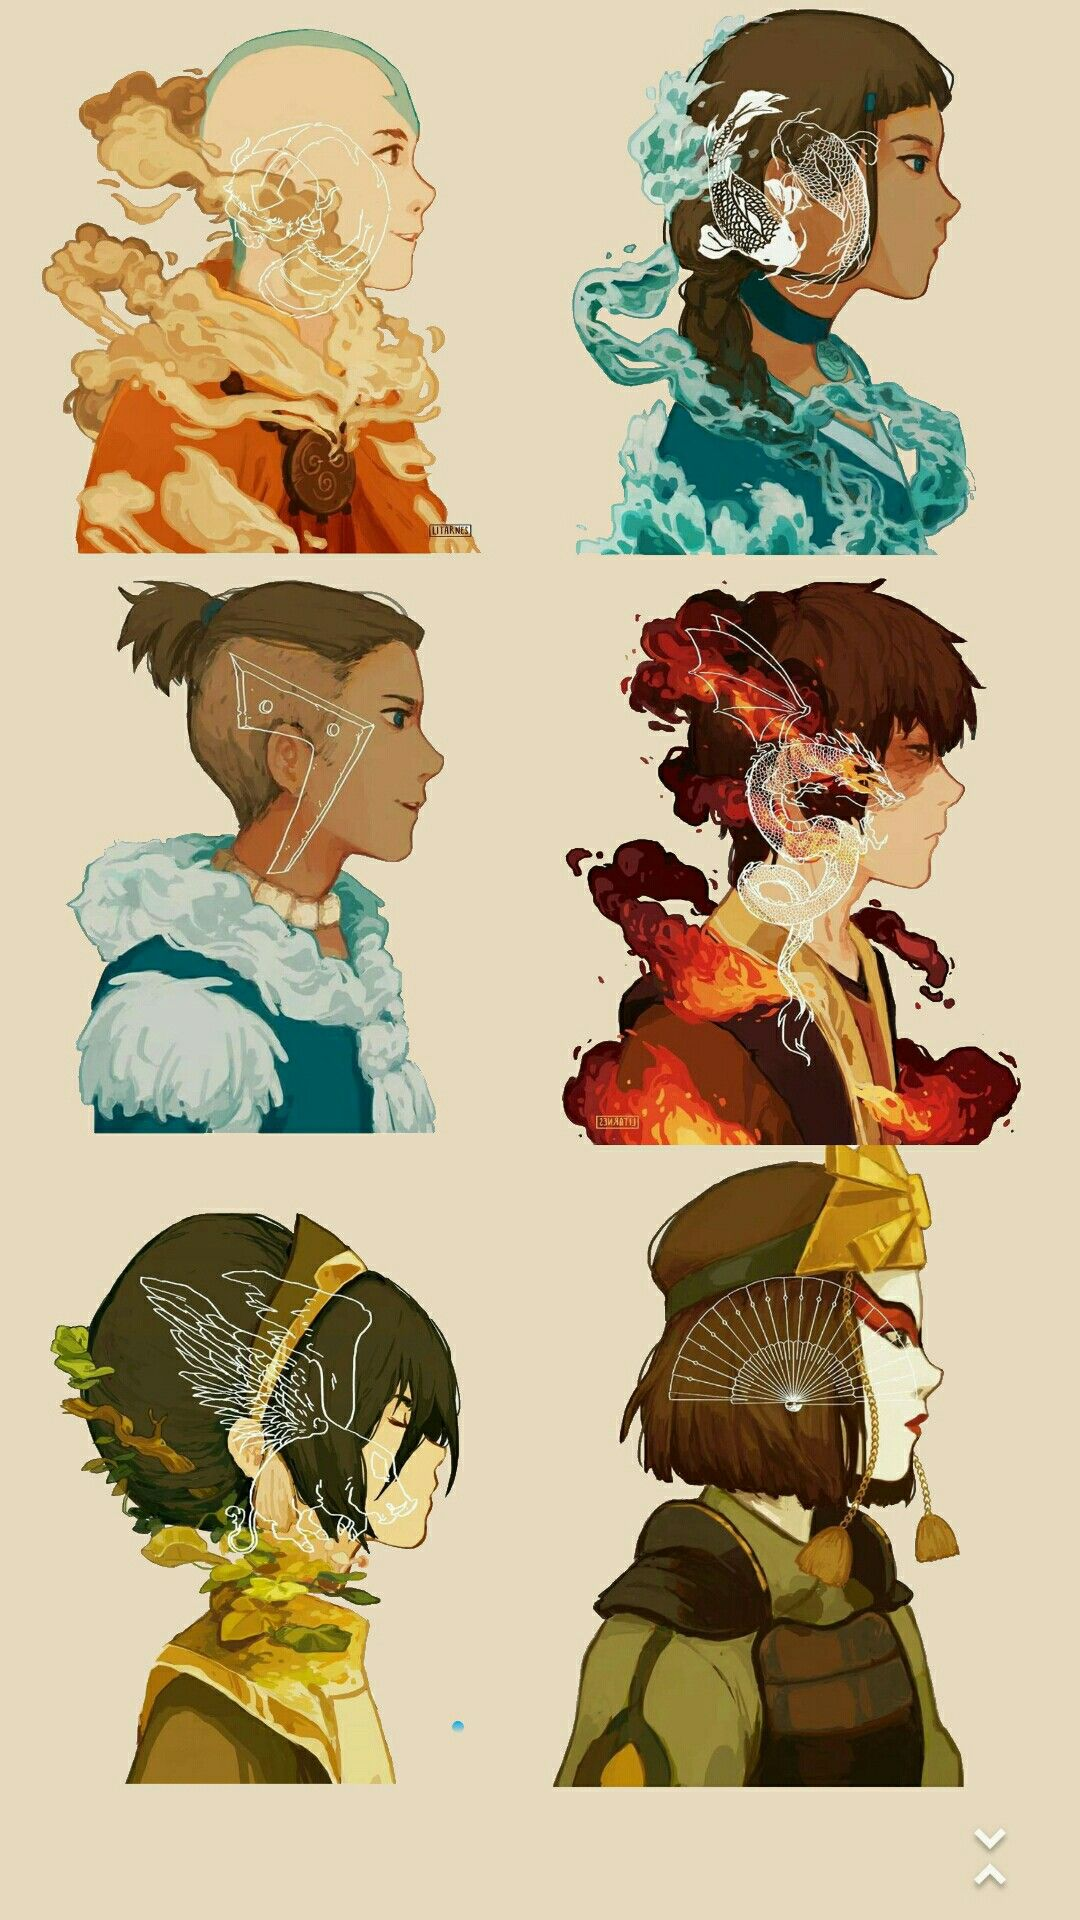 Avatar Le Dernier Maitre De L Air Wallpaper Avatar The Last Airbender Wallpaper In 2020 Avatar Airbender Avatar Zuko Avatar Legend Of Aang